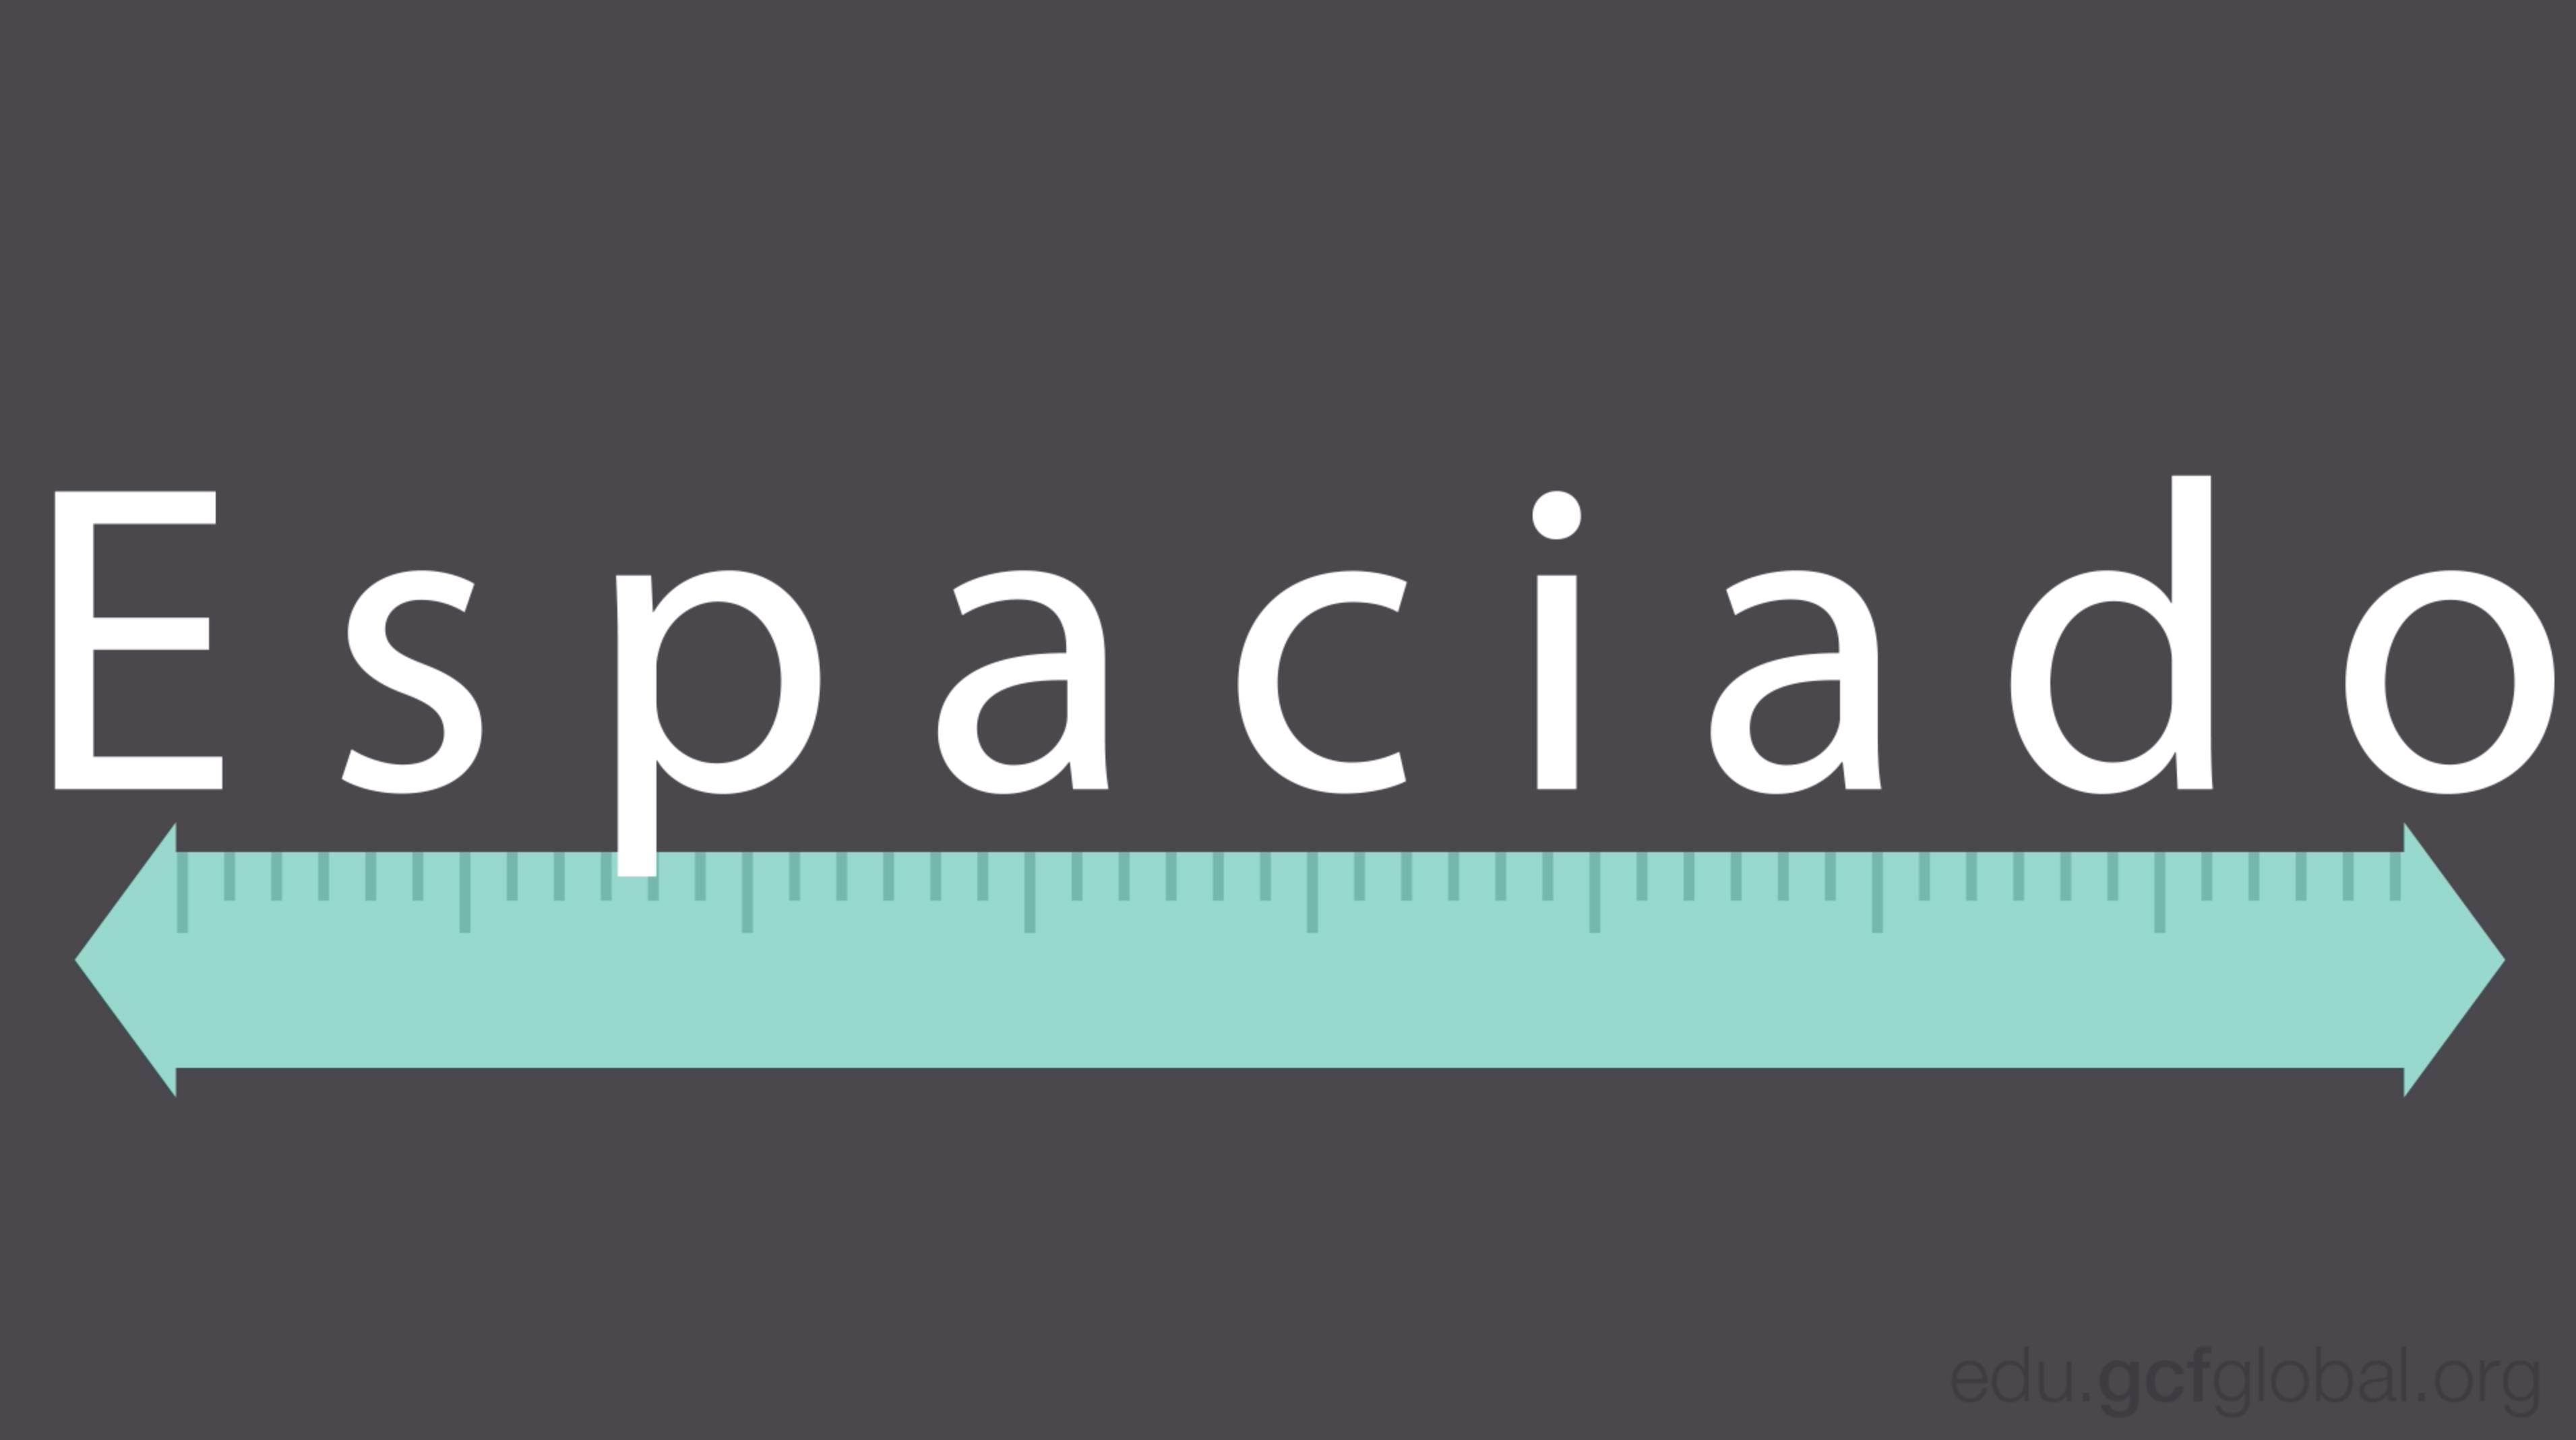 Imagen ejemplo de espaciado entre letras.